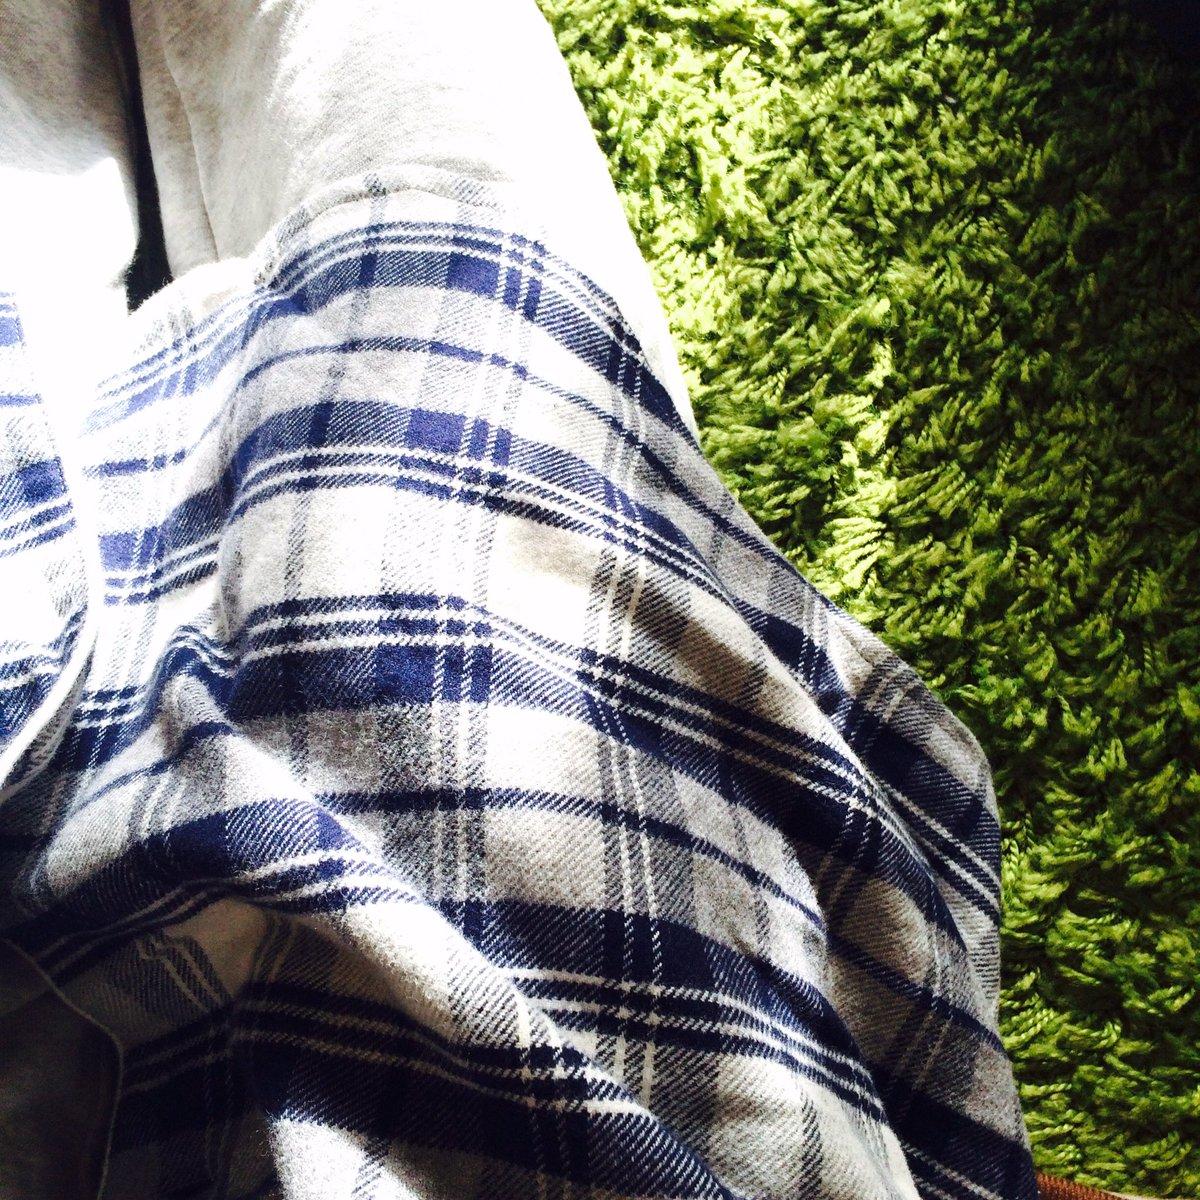 これならお腹大きくなっても着られるし、産後も使えるはず!無印のパジャマは生地感が好き。#妊婦服 #無印良品 週間pic.twitter.com/CQhcSi0XA6